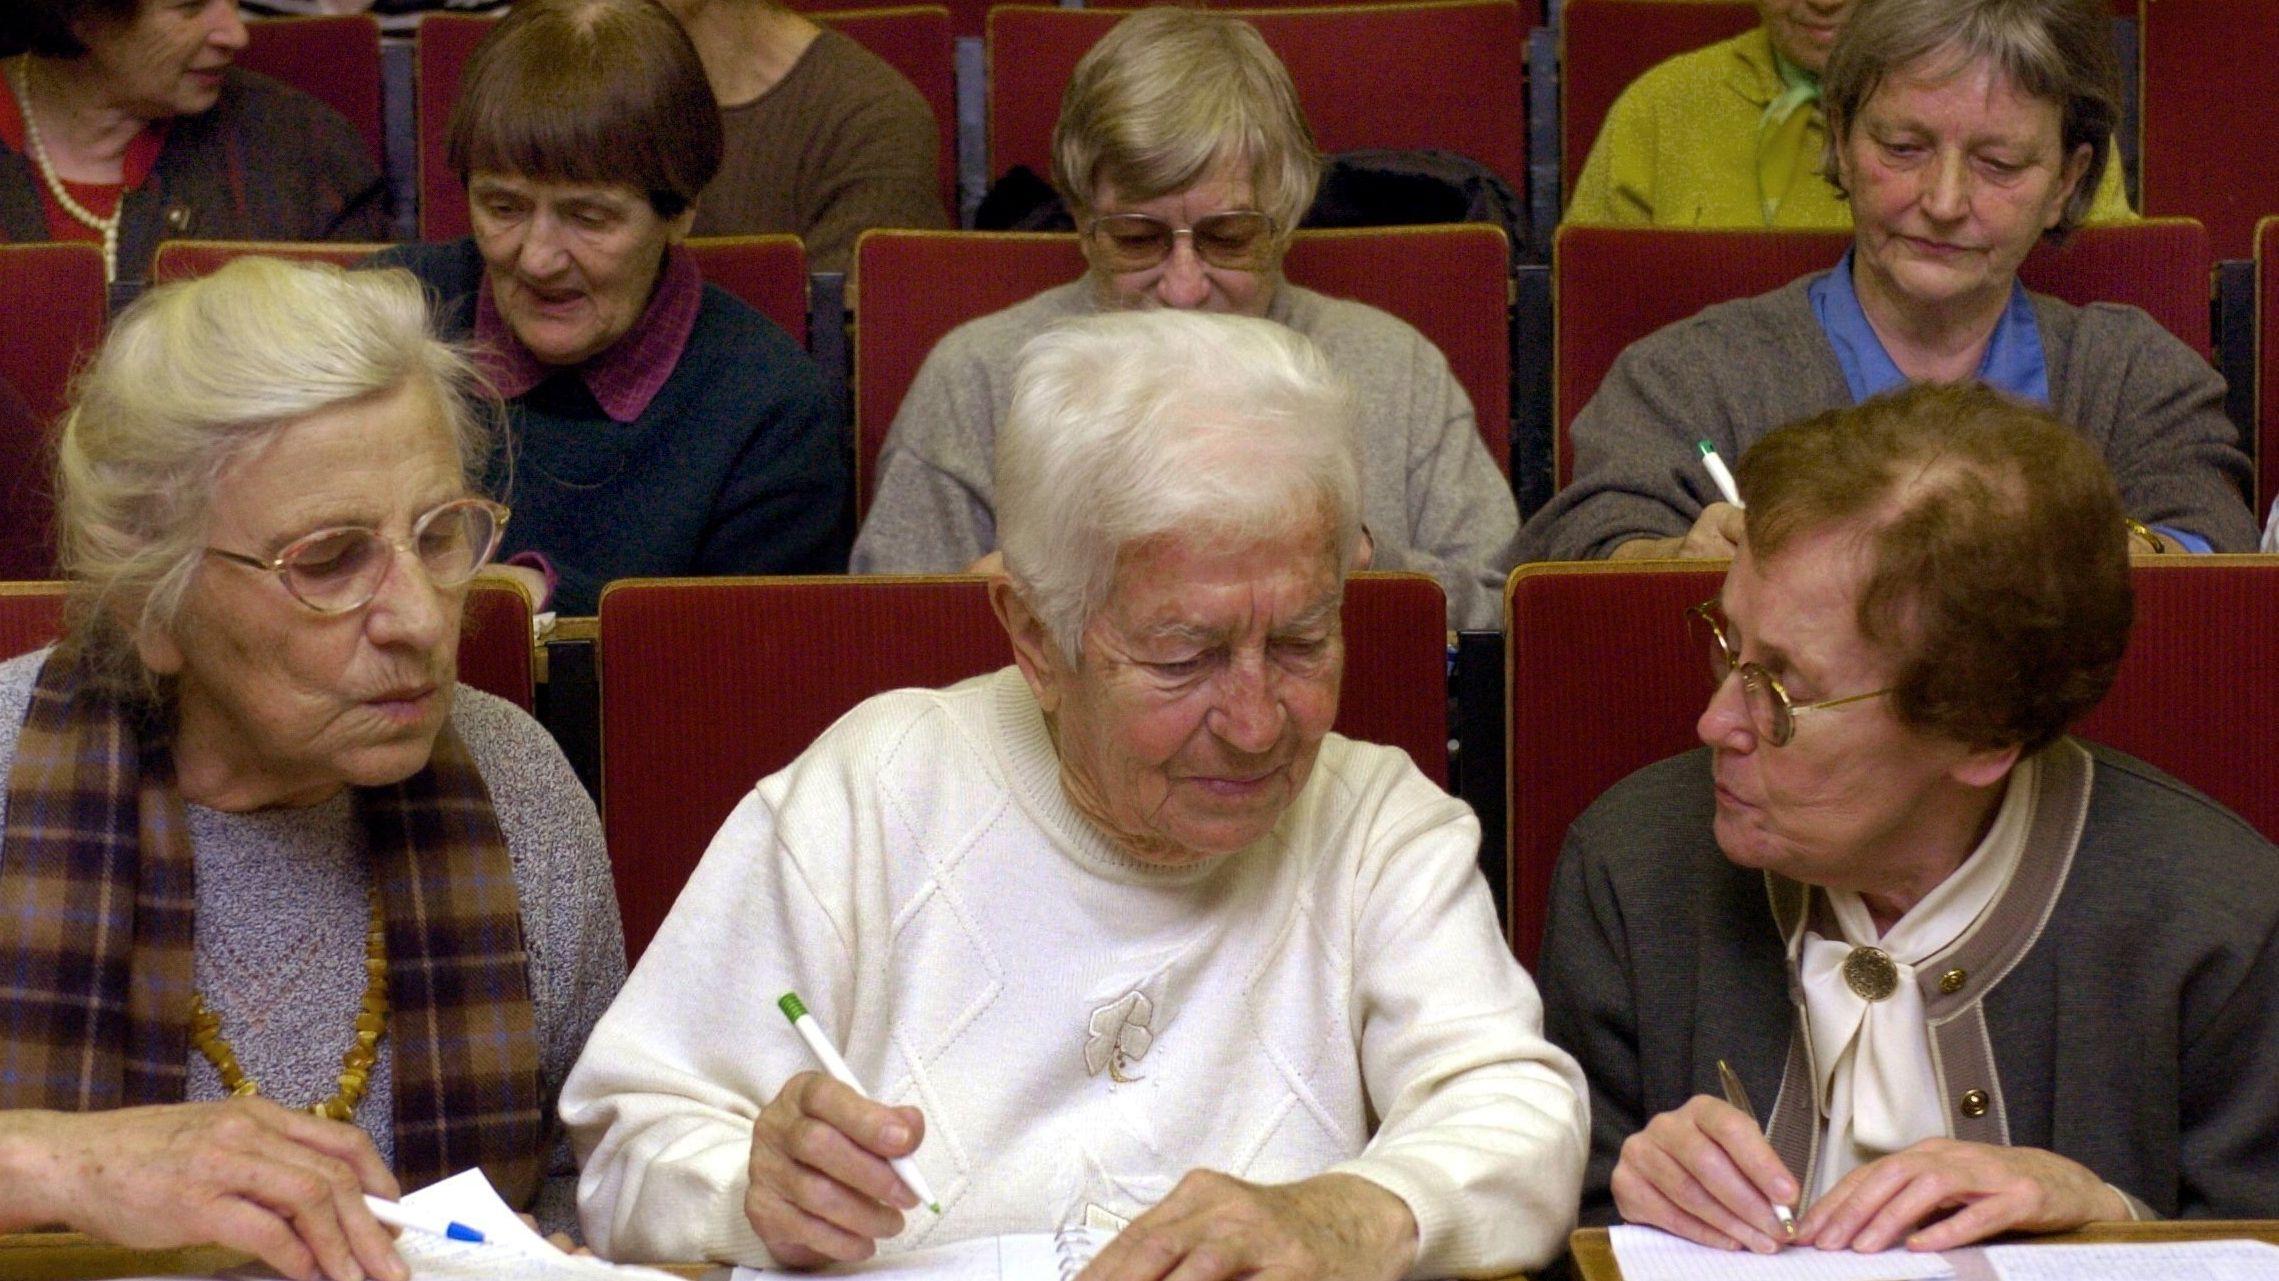 Seniorenstudentinnen bei einer Vorlesung (Symbolbild)